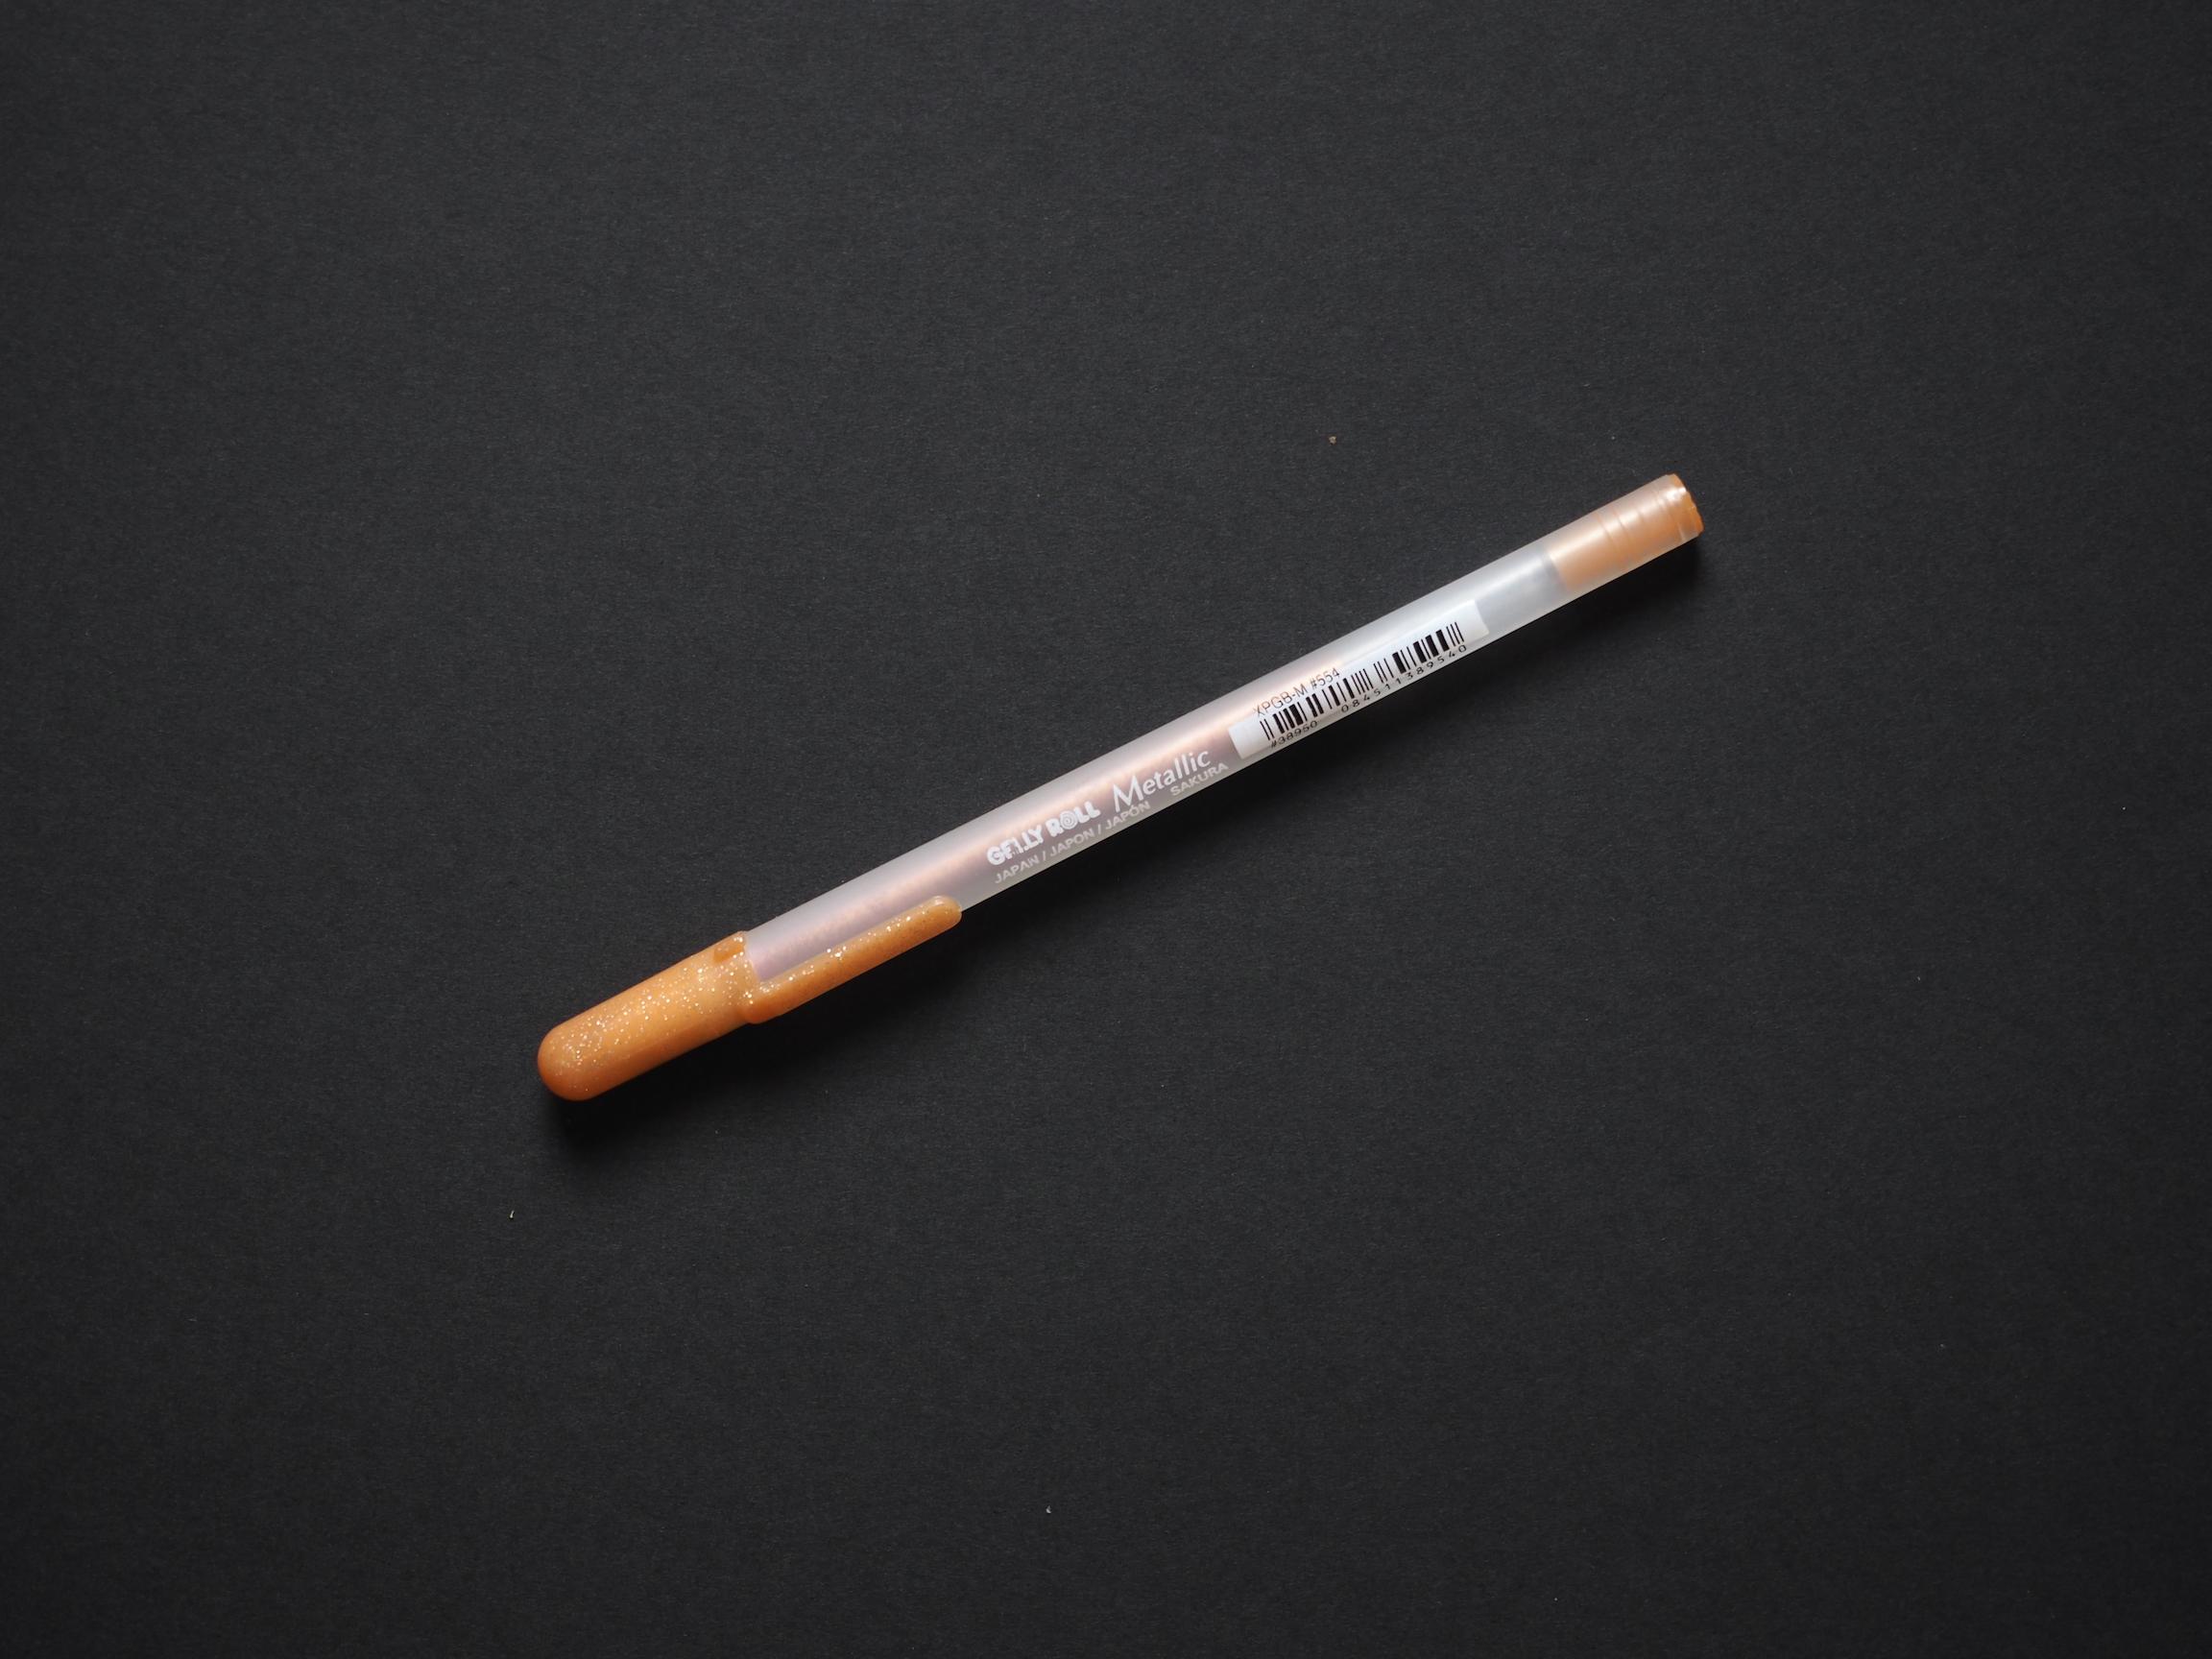 ปากกา SAKURA Gelly Roll Metallic - XPGB-M#554